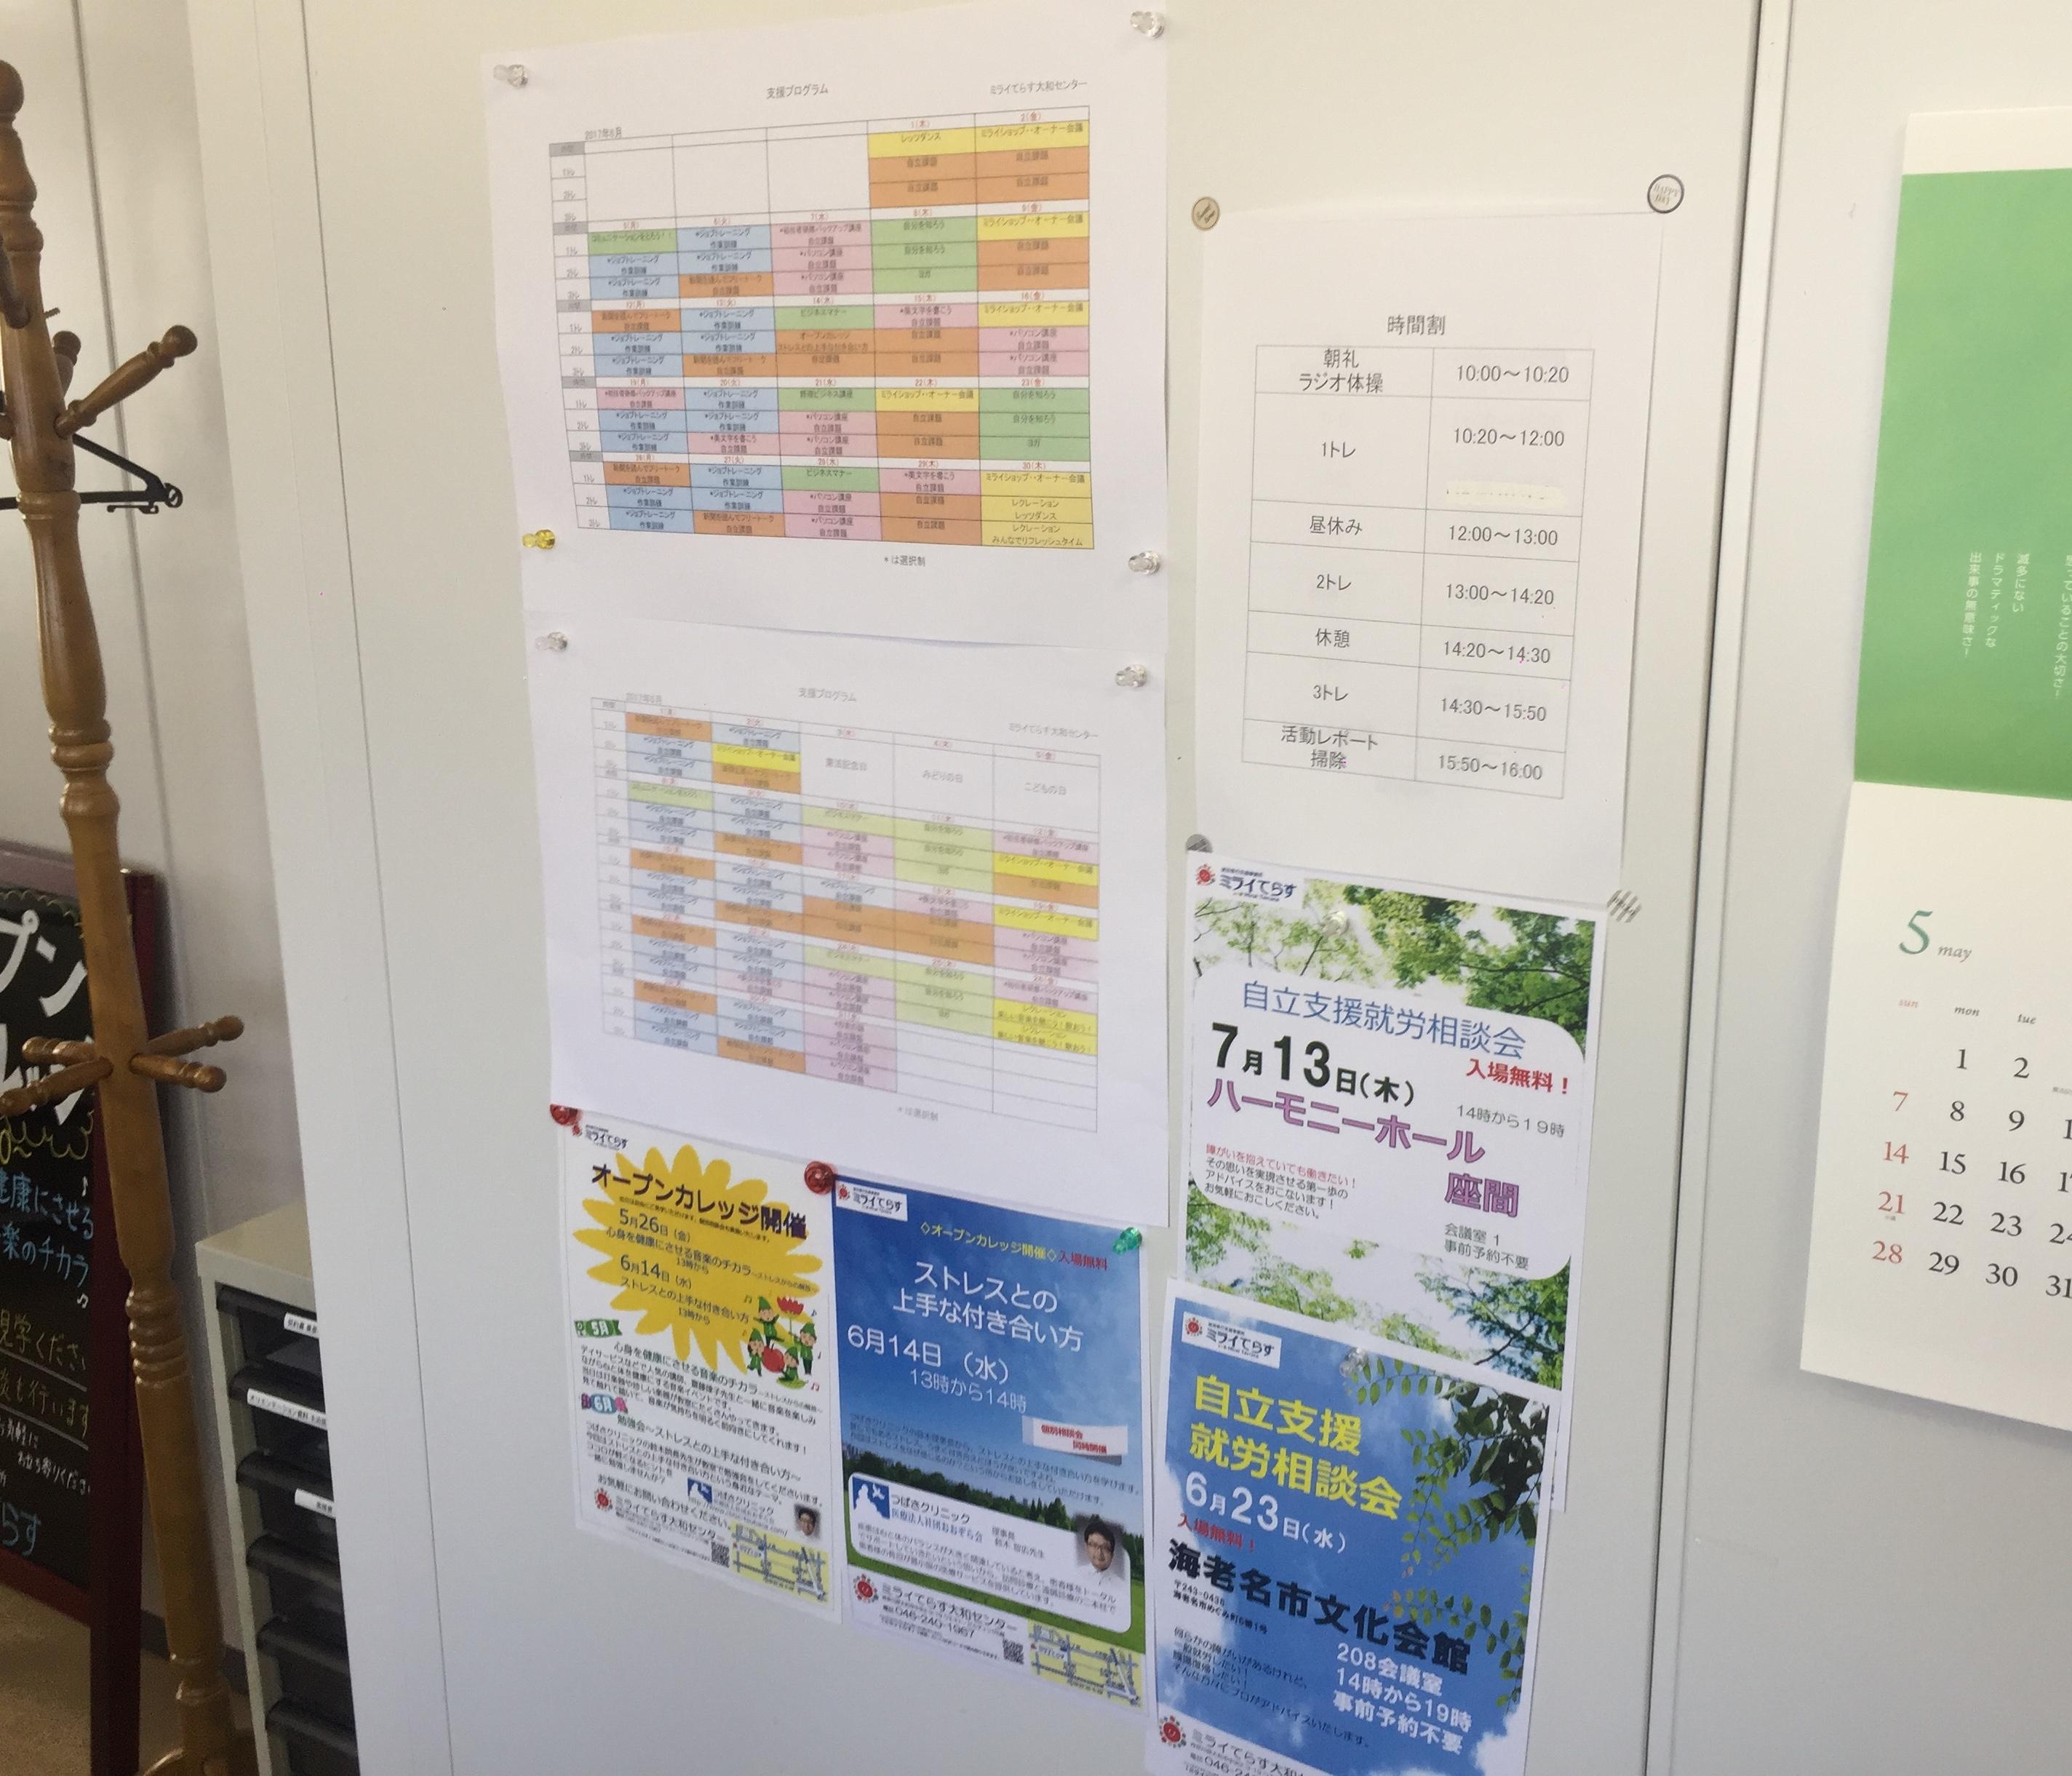 トレーニングカリキュラムのスケジュール表の写真